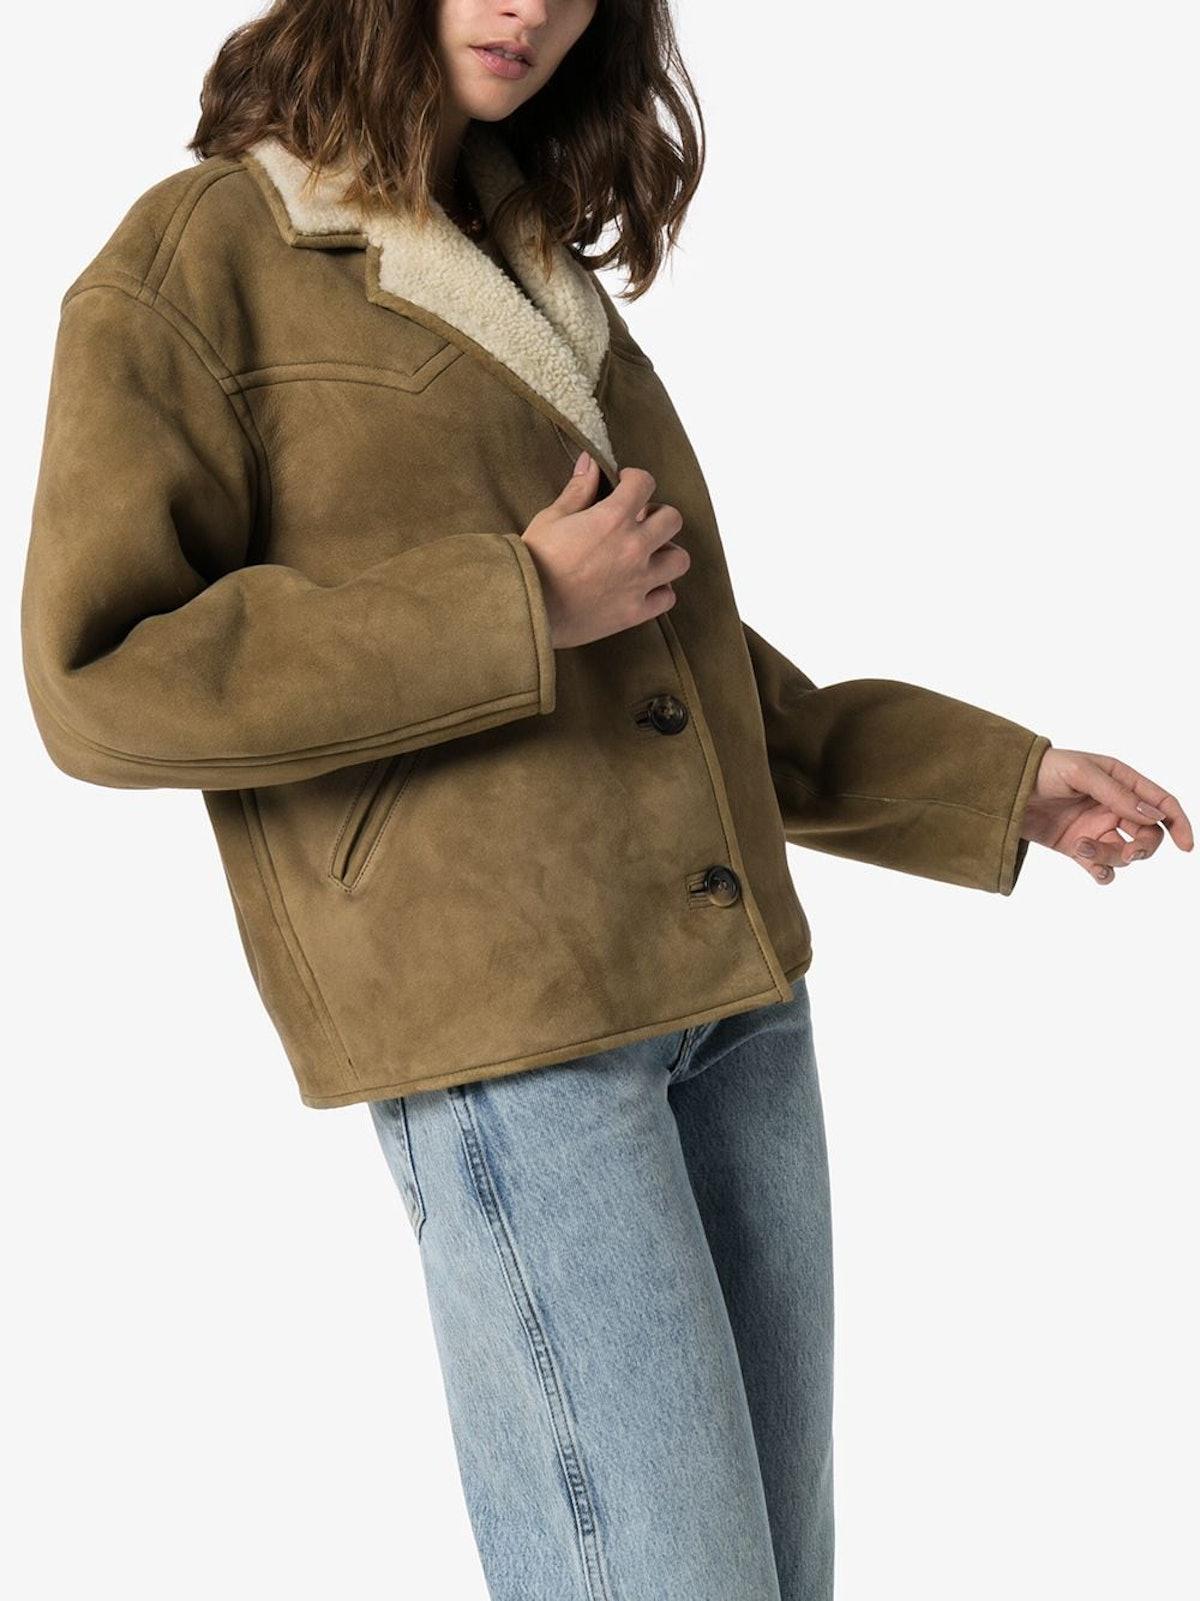 Fabio Shearling Jacket